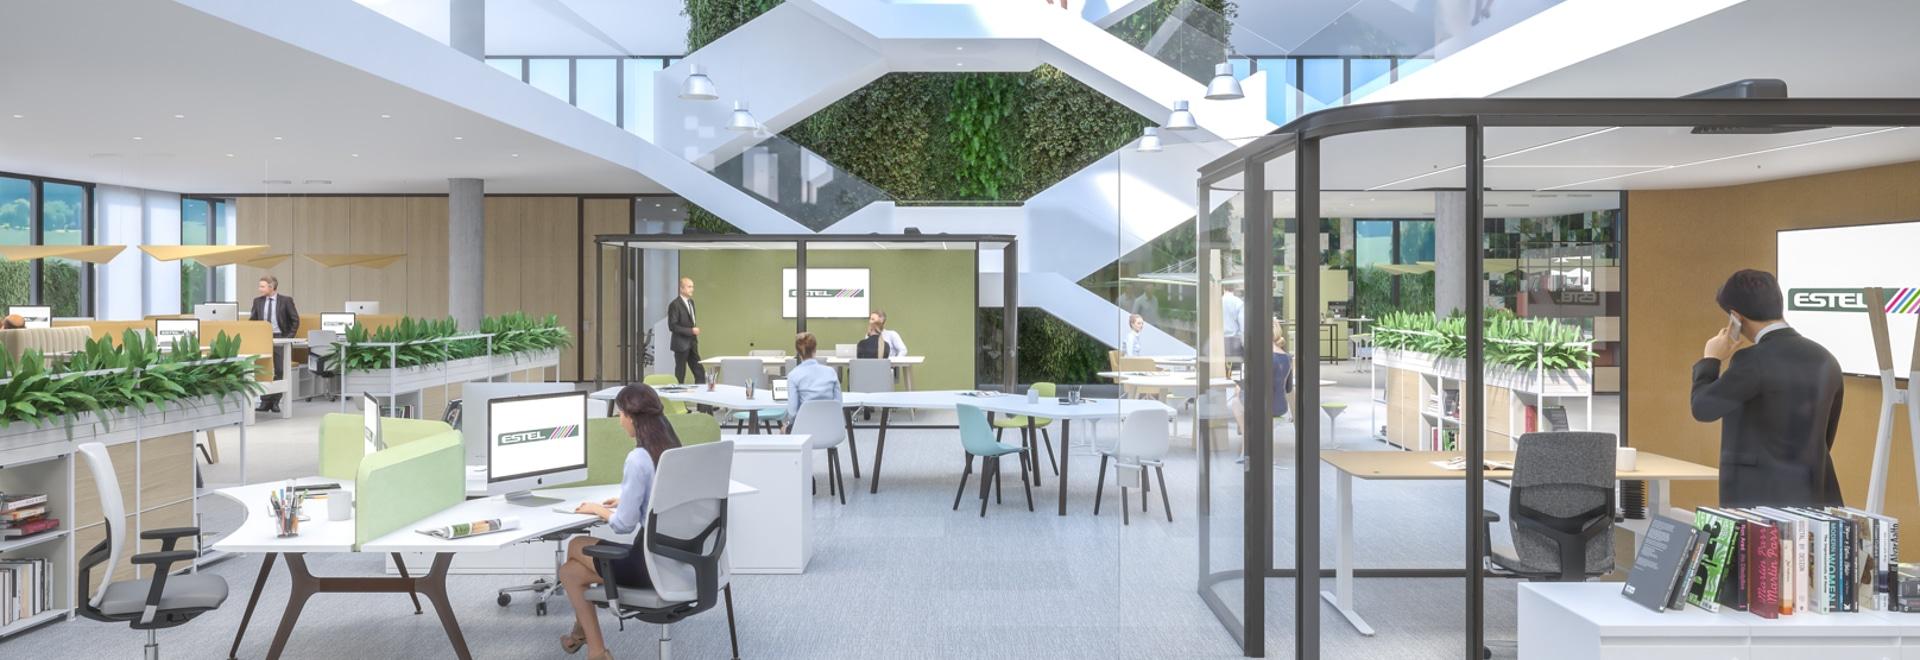 Italienische Smart Office Umgebung